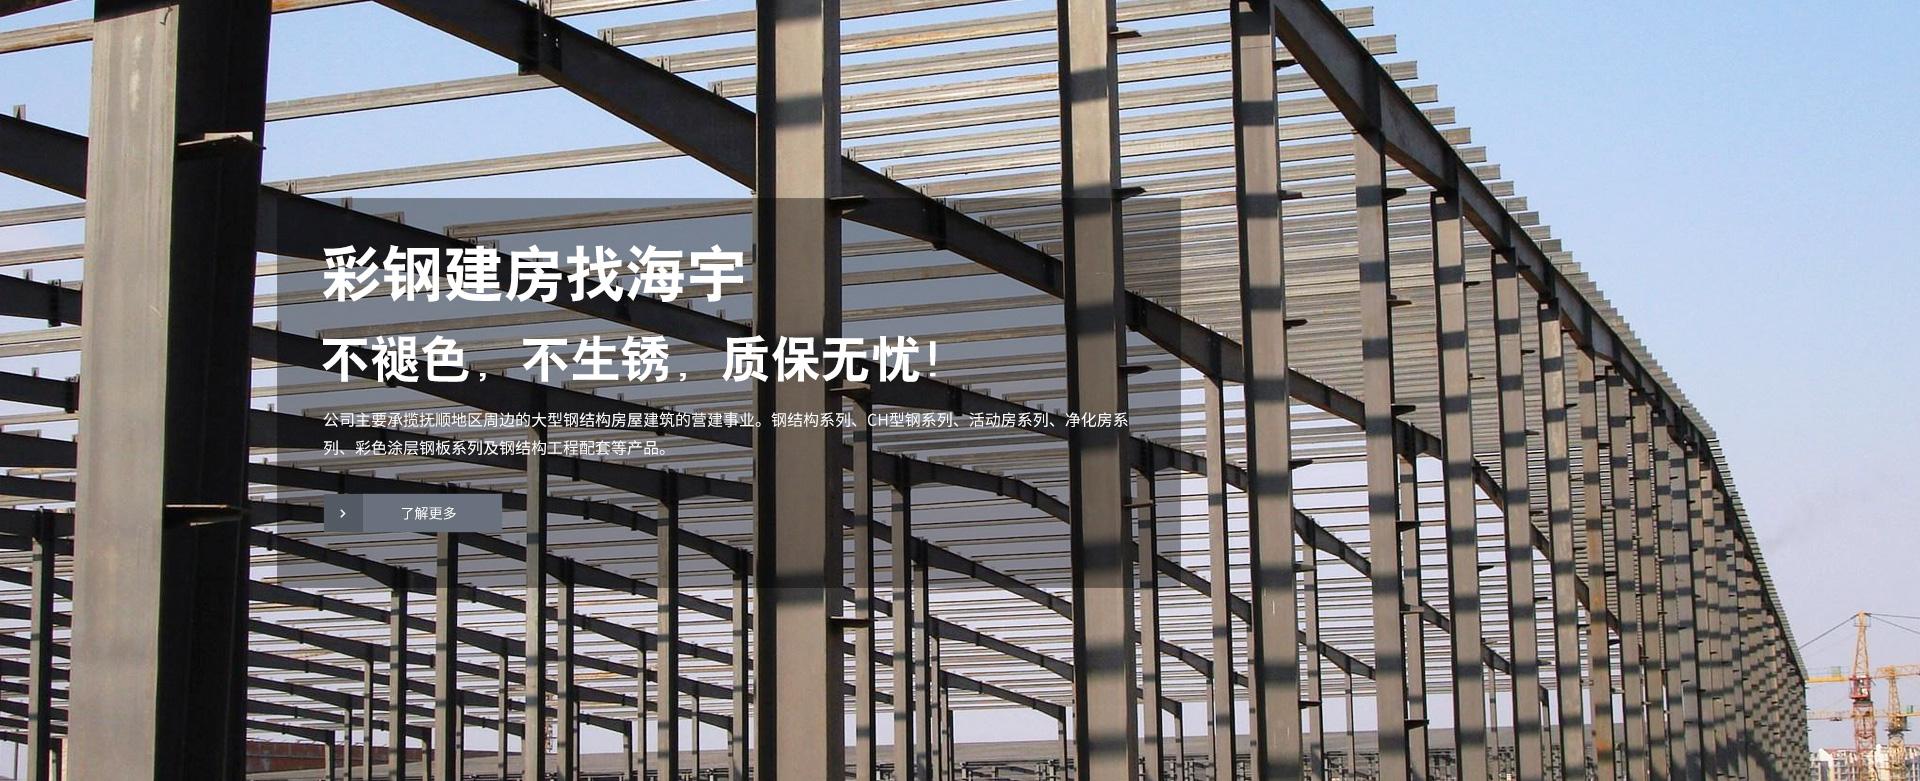 抚顺市海宇彩钢板有限公司